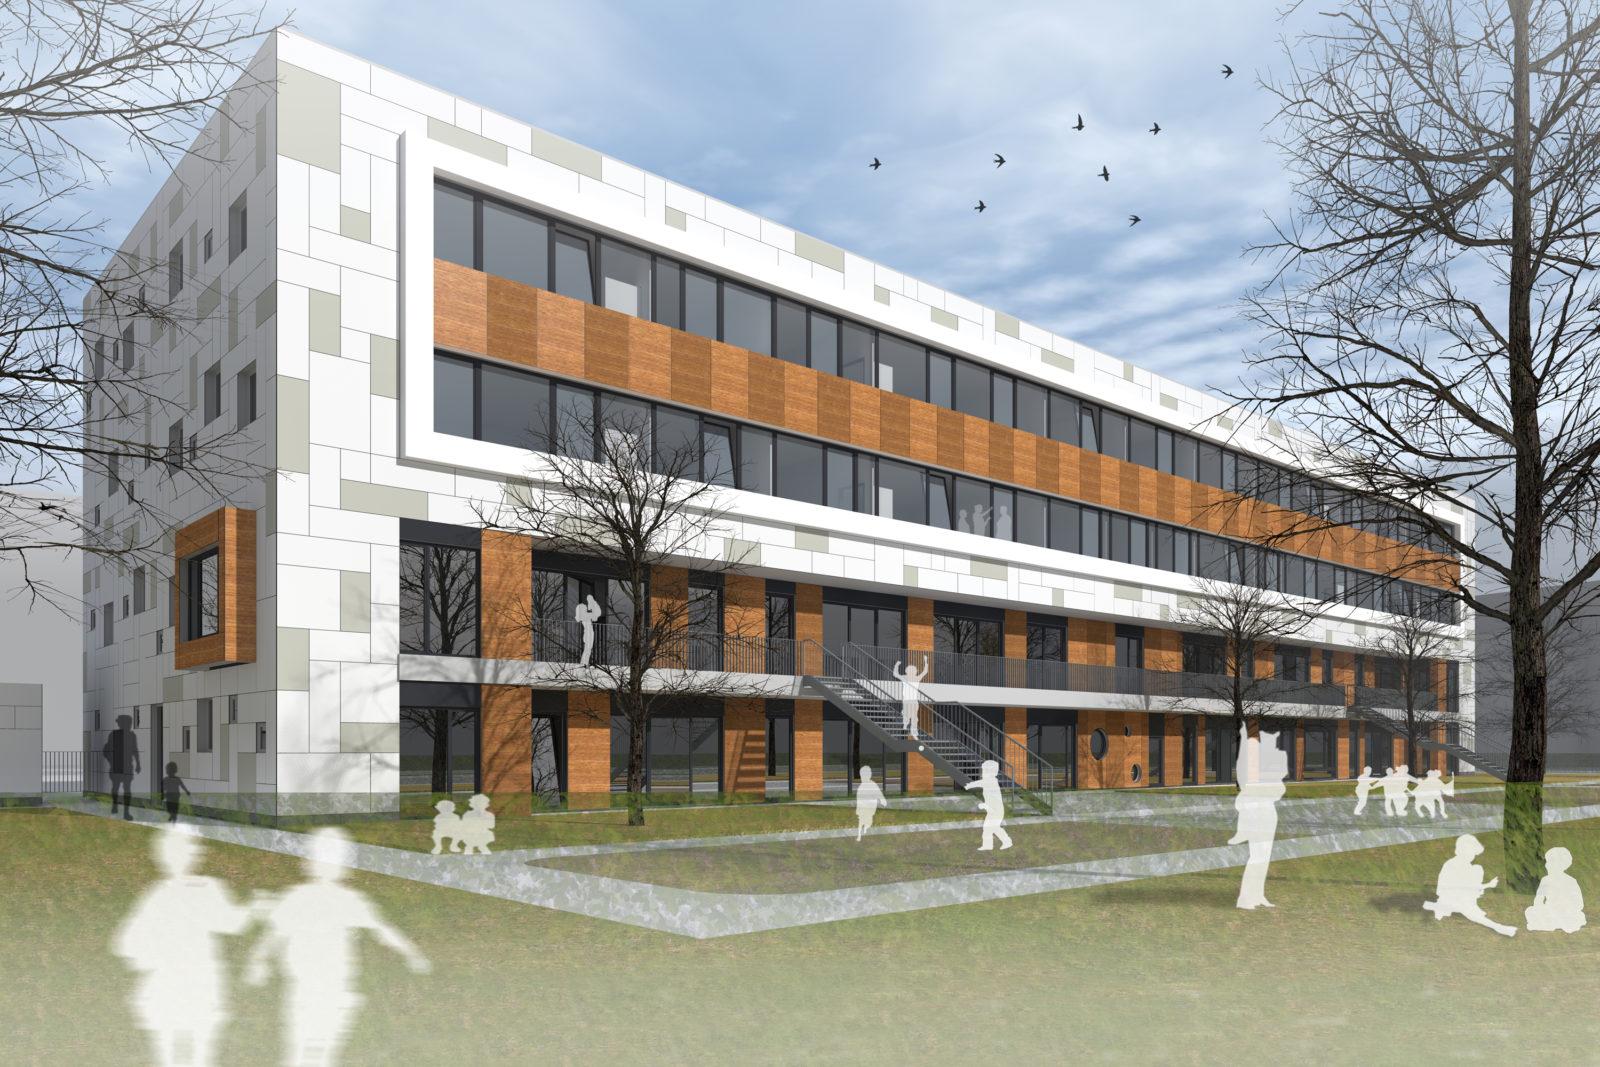 Neubau Kita und Förderschule an der alten Messe, Leipzig - Blick auf die Freispielfläche